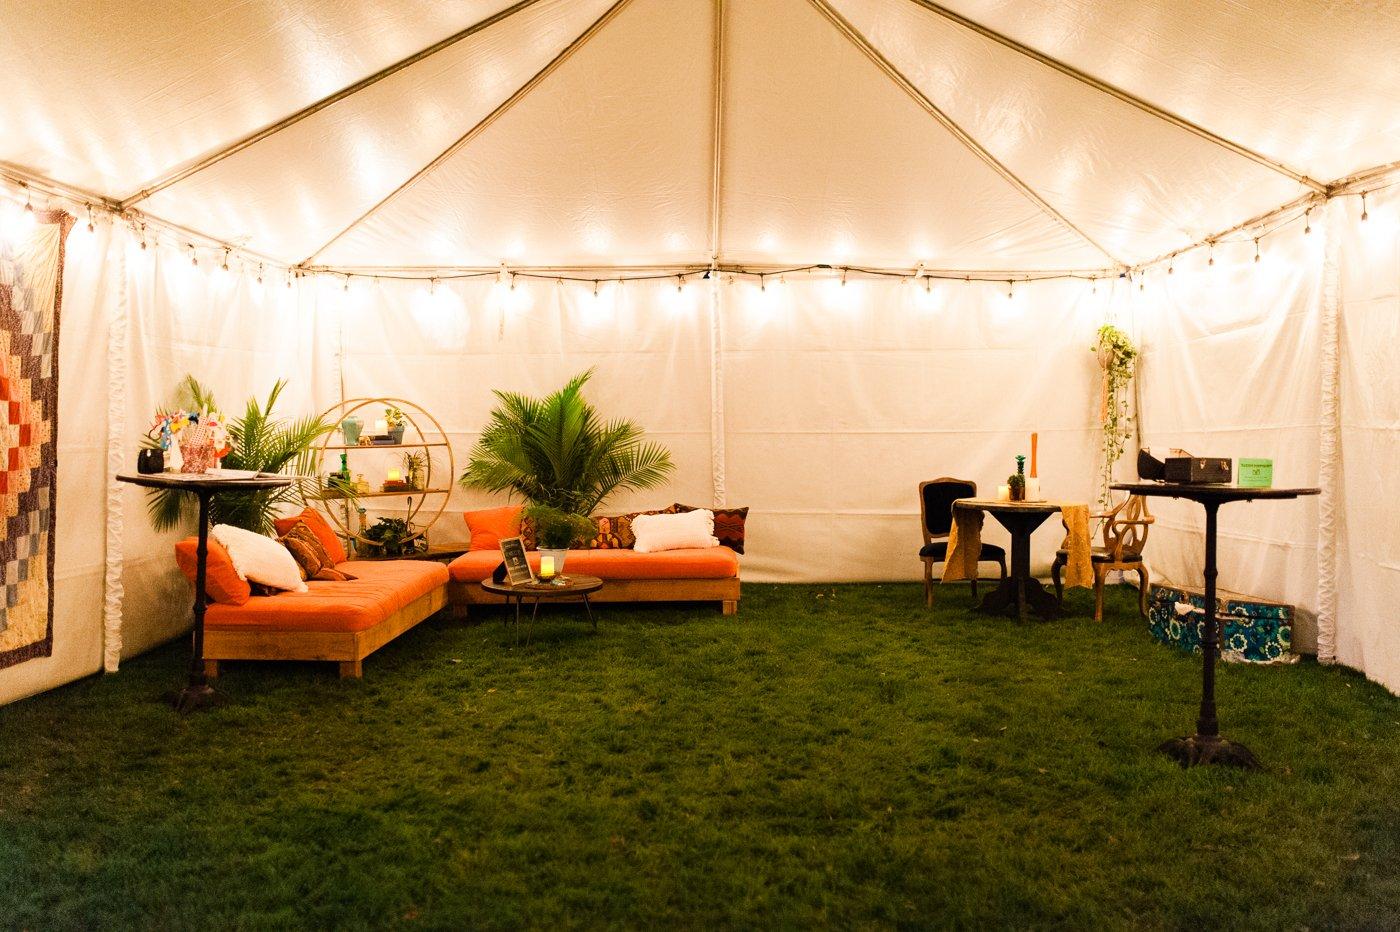 Weed tent, weed weddings,  420 weddings, cannabis ceremonies